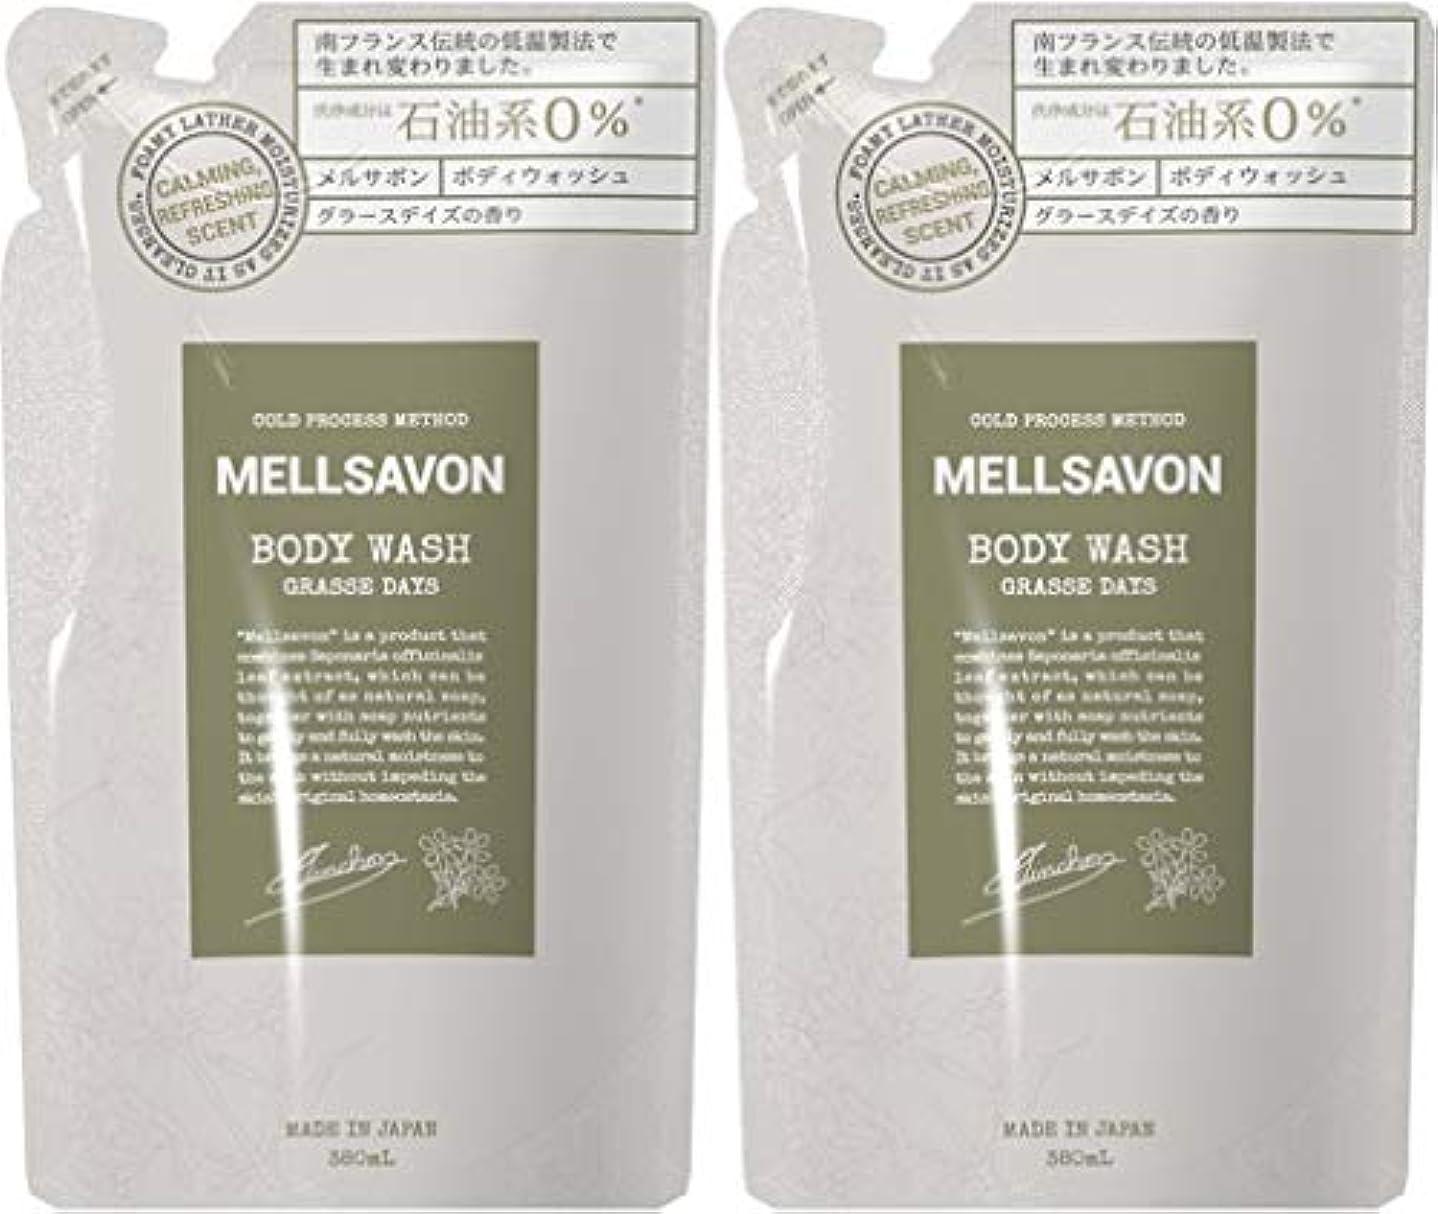 おいしいさておきコーラス【2個セット】MELLSAVON(メルサボン) ボディウォッシュ グラースデイズ 〈詰替〉 (380mL)